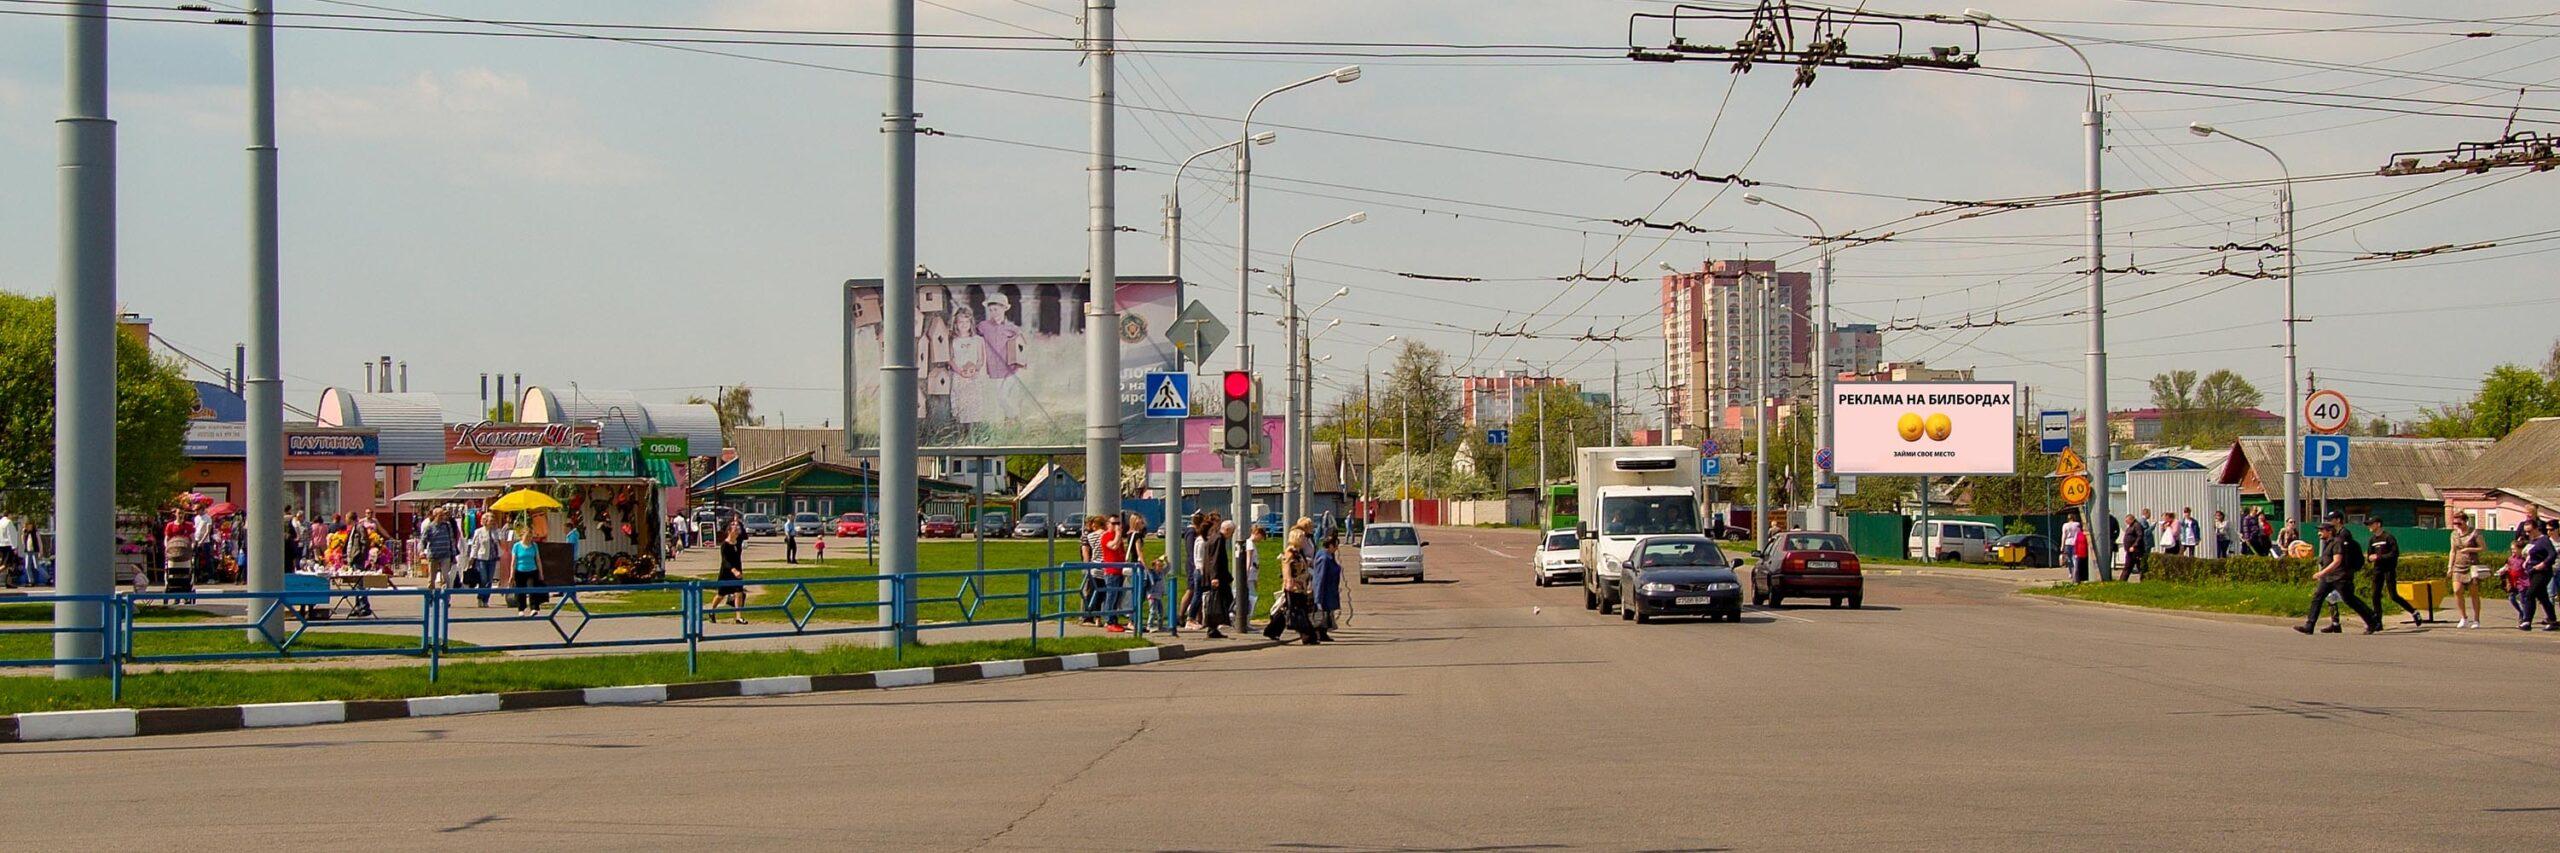 """Билборд по ул. Каменщикова, рынок """"Прудковский"""" (Сторона А)"""